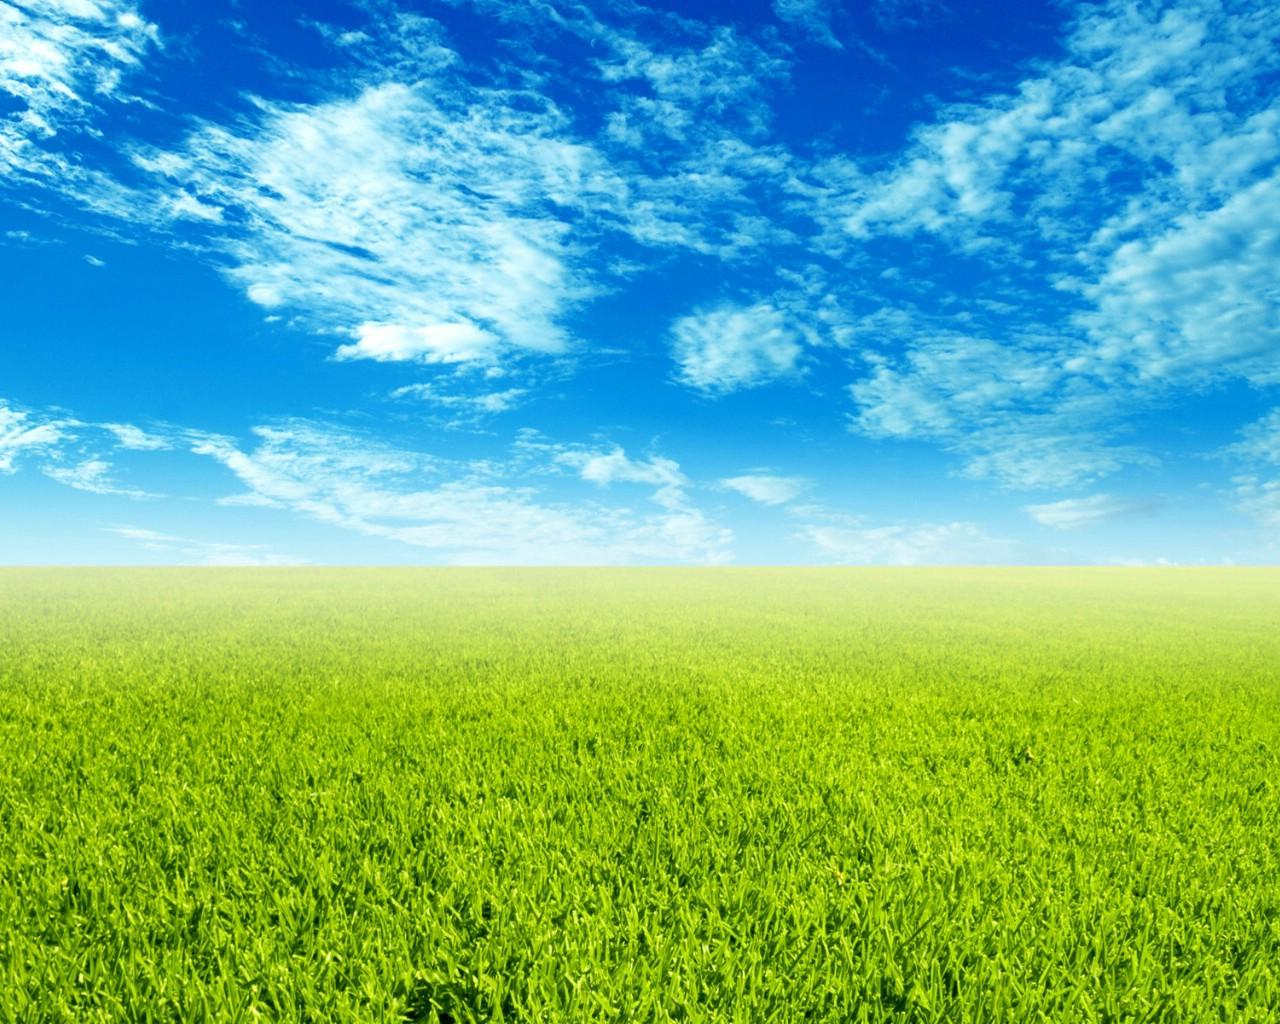 壁紙首頁 風景壁紙 藍天白云草地桌面背景圖片